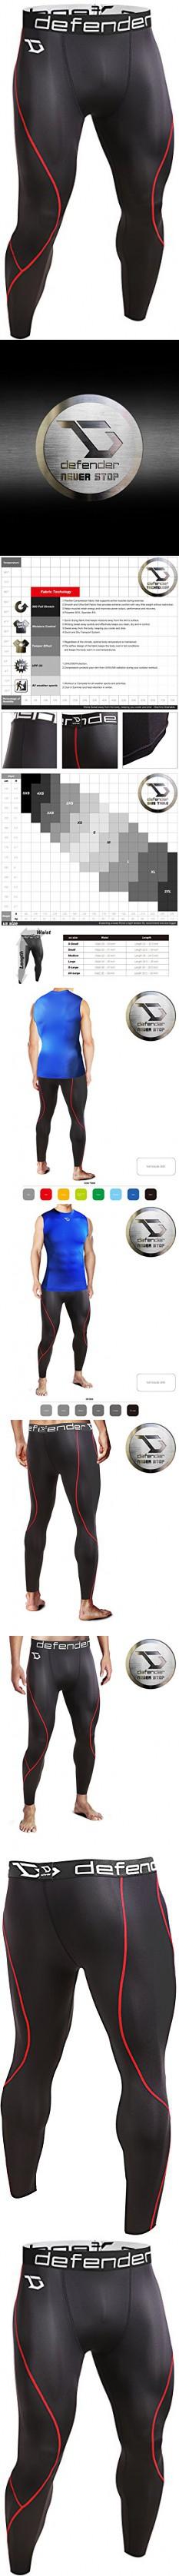 Defender Men's Compression Tights Pants Underlayer Skin Sports Running BR_M